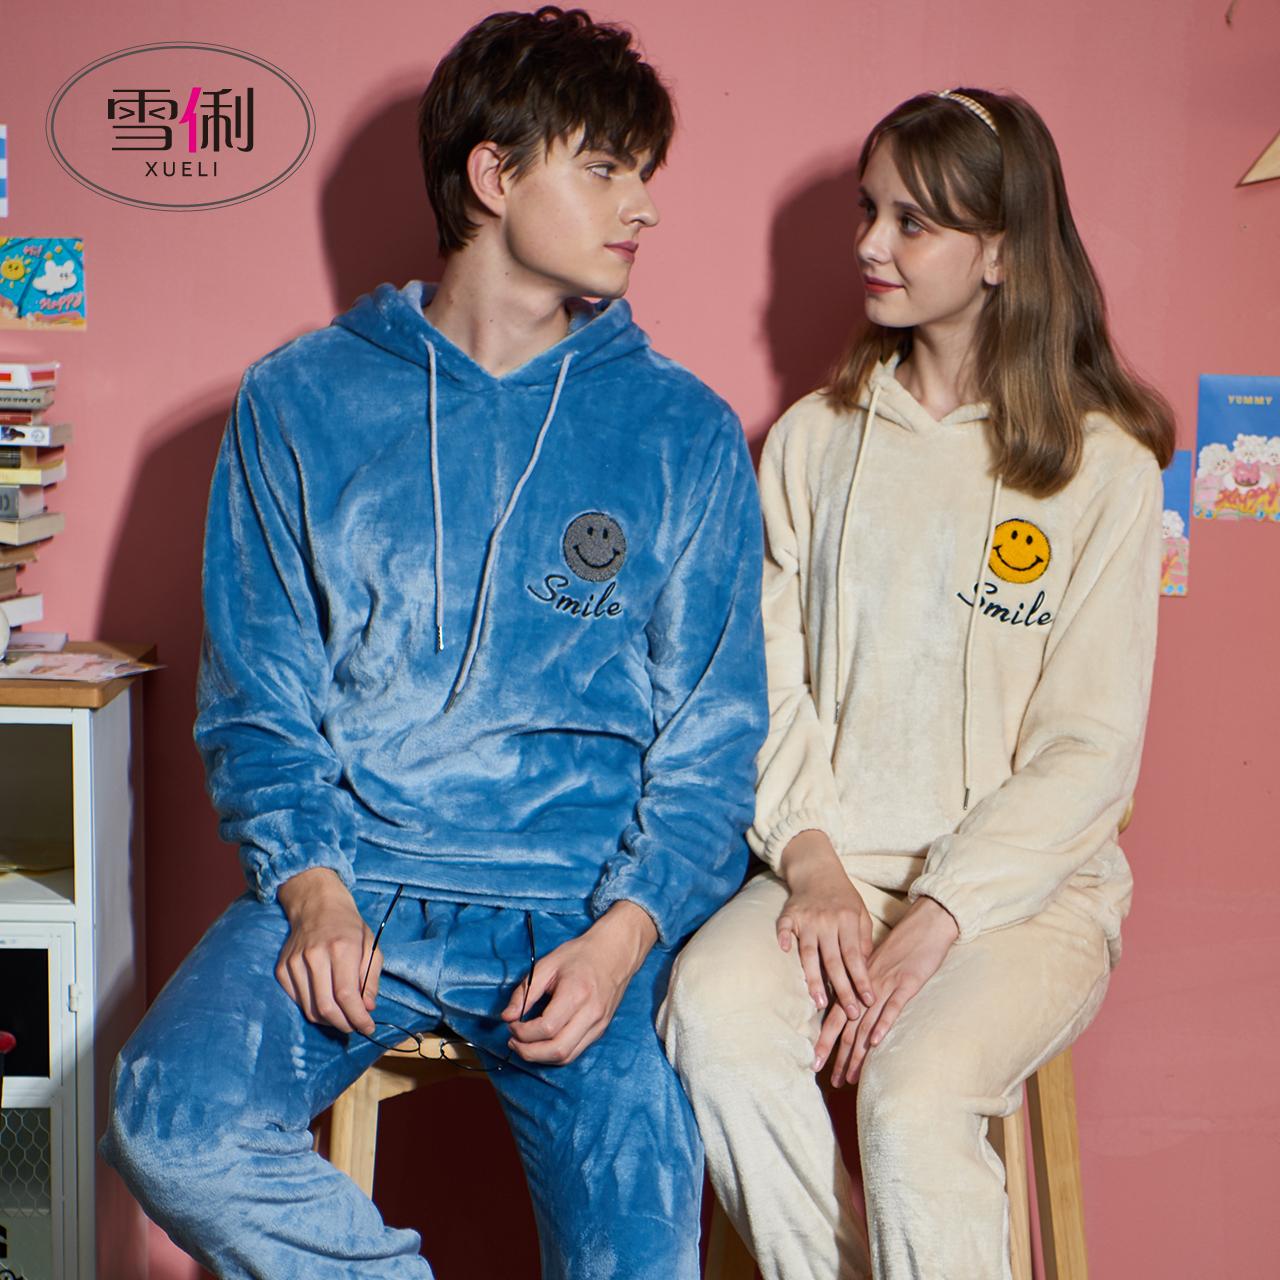 雪俐 情侣款 法兰绒家居服套装 天猫优惠券折后¥69包邮(¥109-40)多款可选